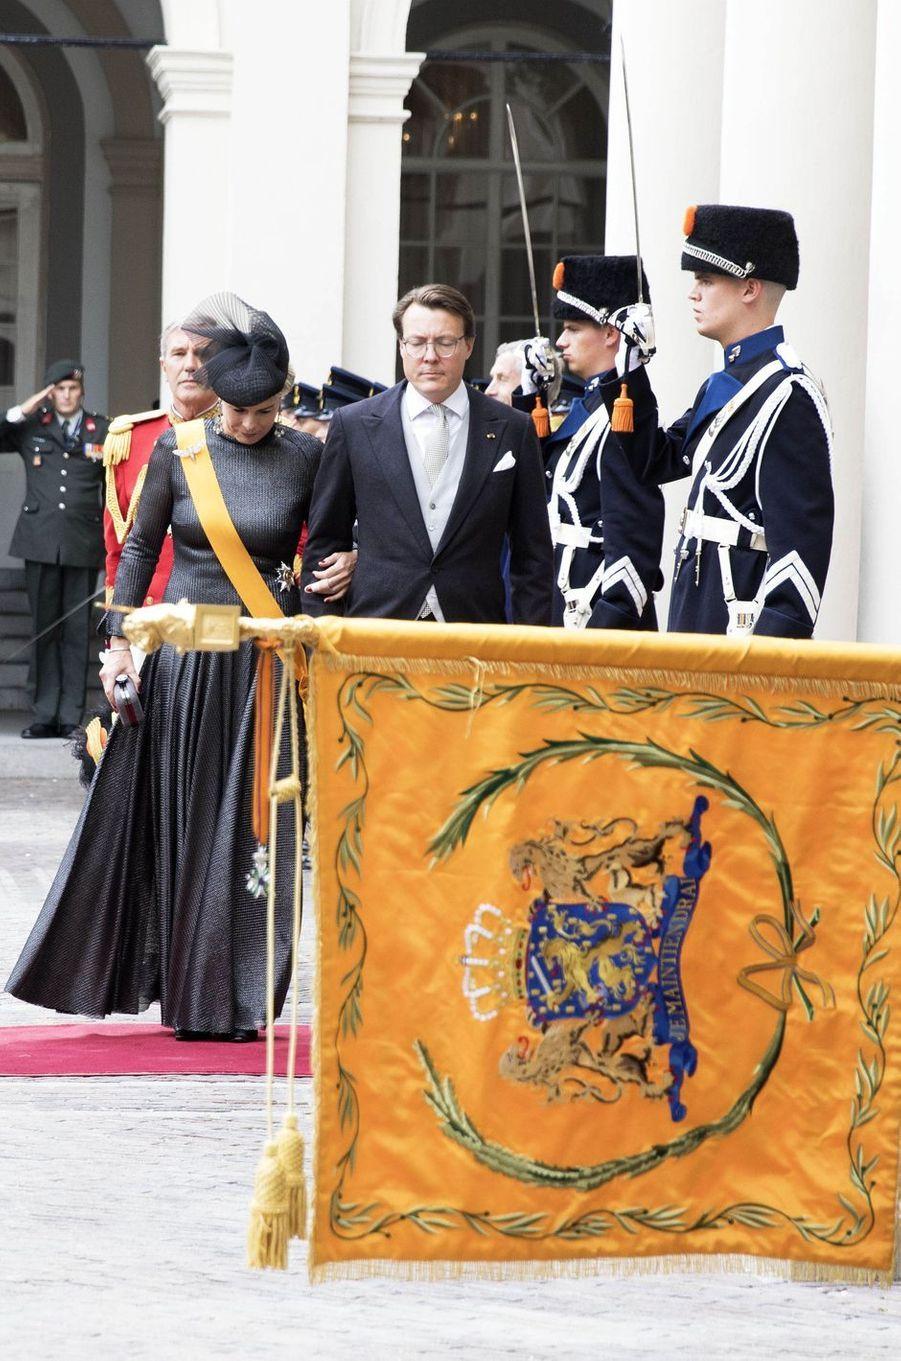 La princesse Laurentien et le prince Constantijn des Pays-Bas à La Haye, le 20 septembre 2016